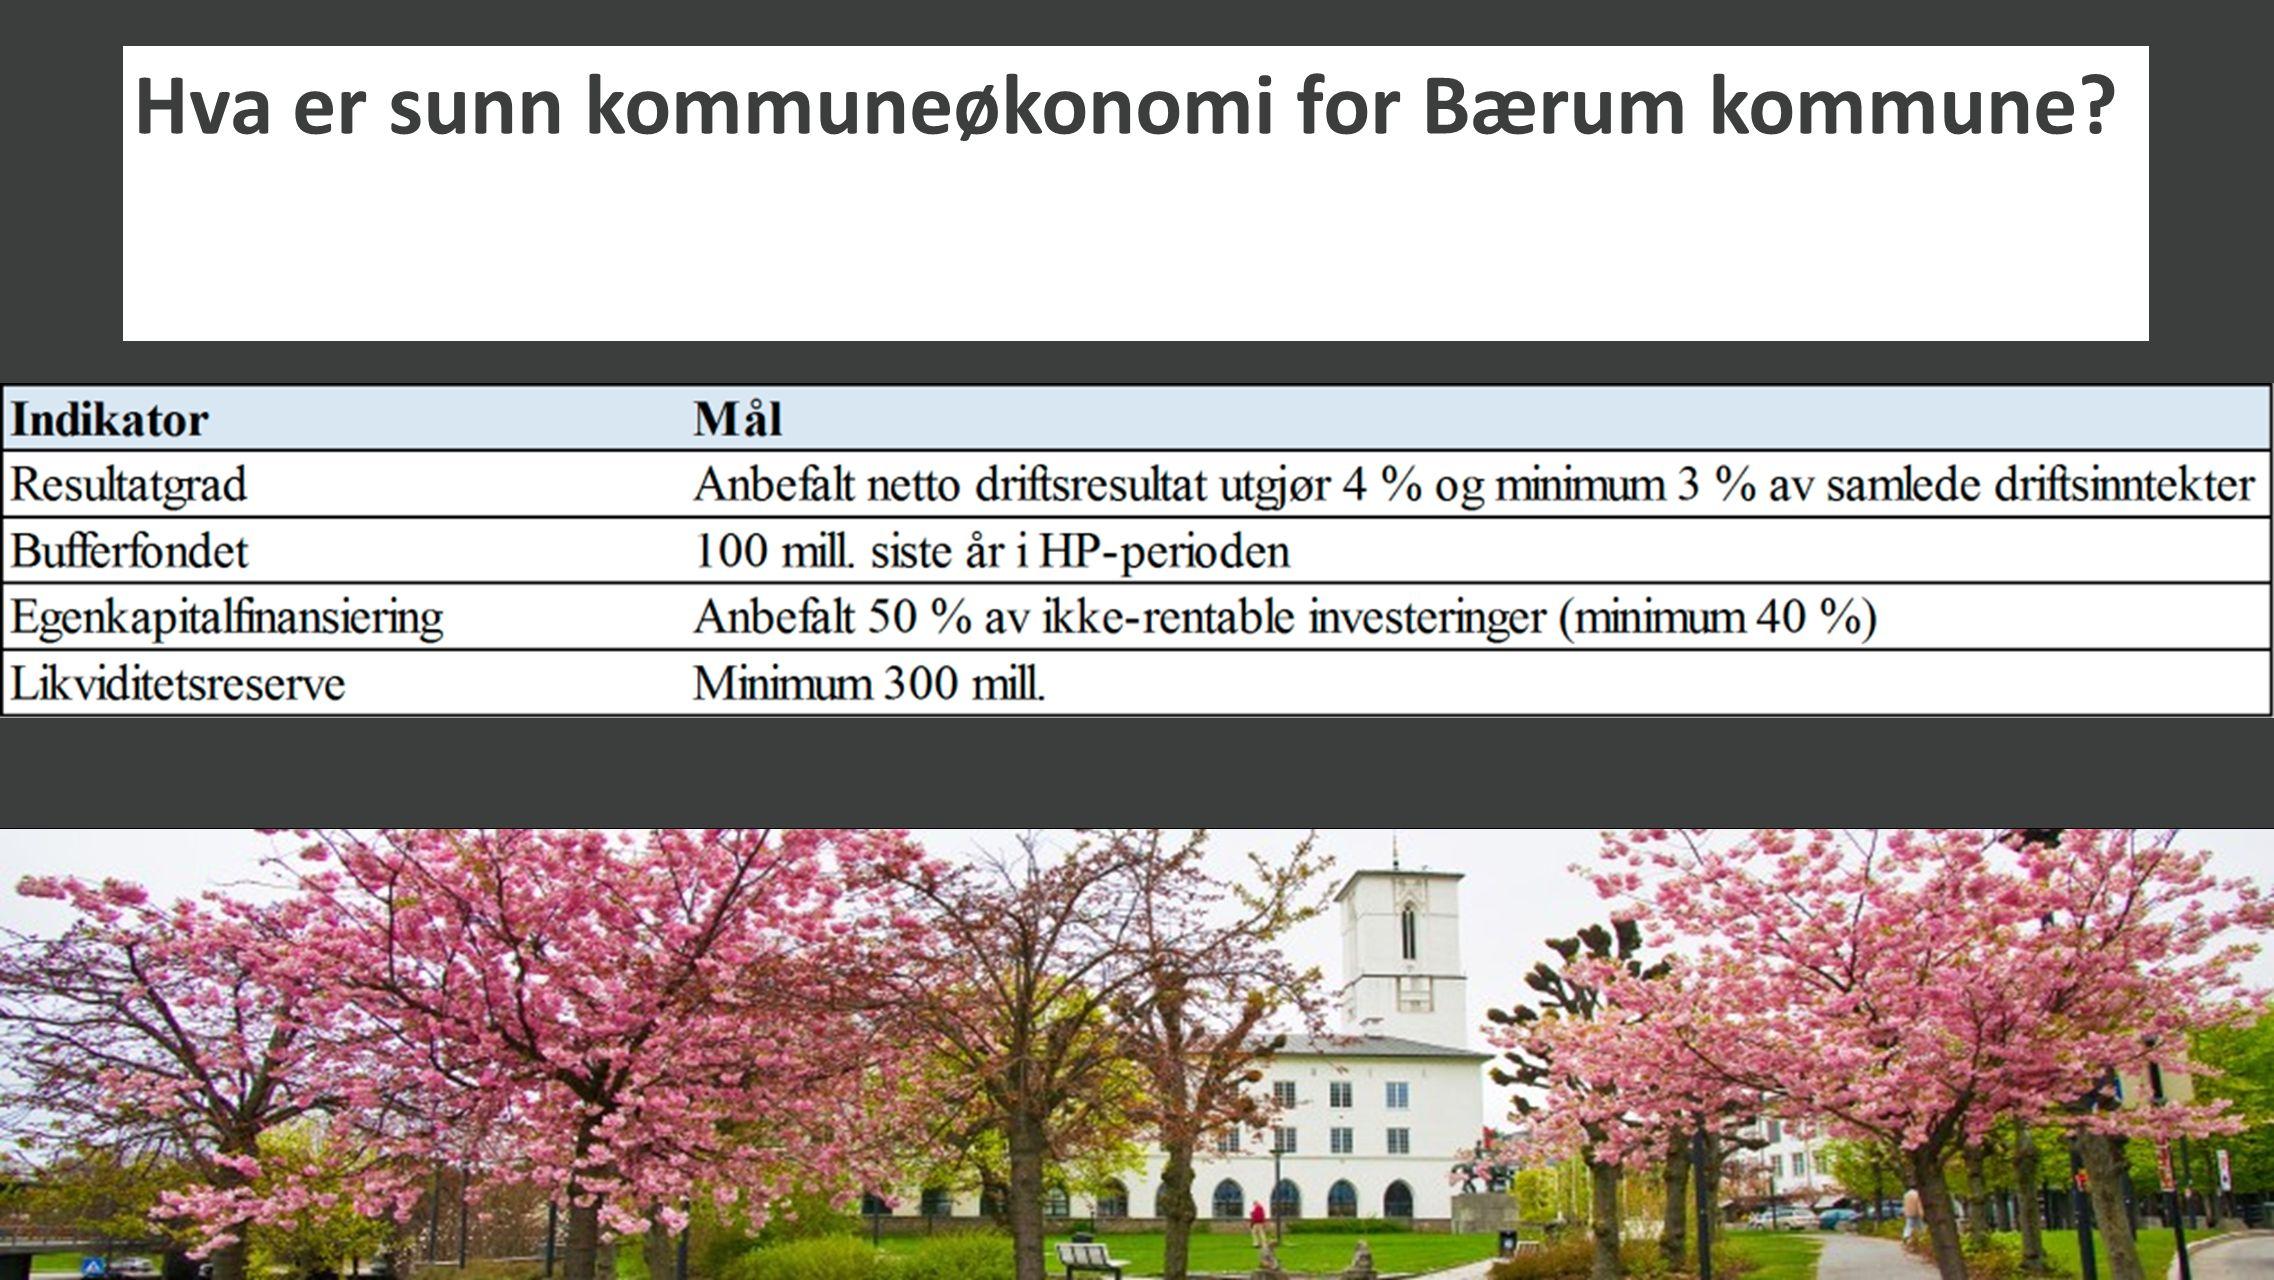 Hva er sunn kommuneøkonomi for Bærum kommune? Skal suppleres med nøkkeltall for «sunt vedlikehold»